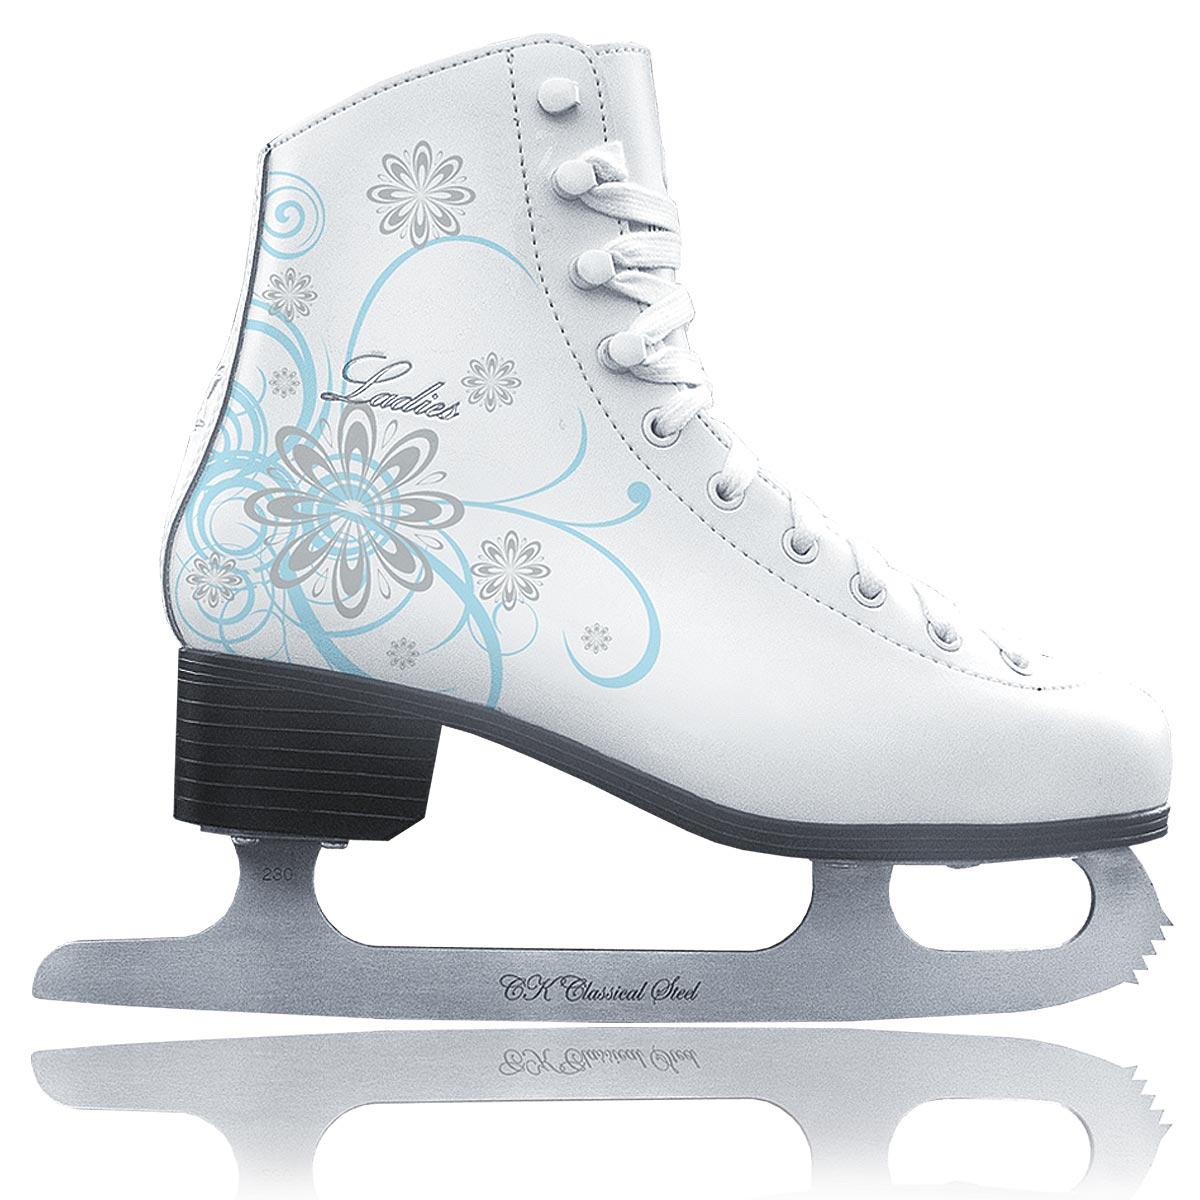 Коньки фигурные для девочки CK Ladies Velvet Classic, цвет: белый, серебряный. Размер 34